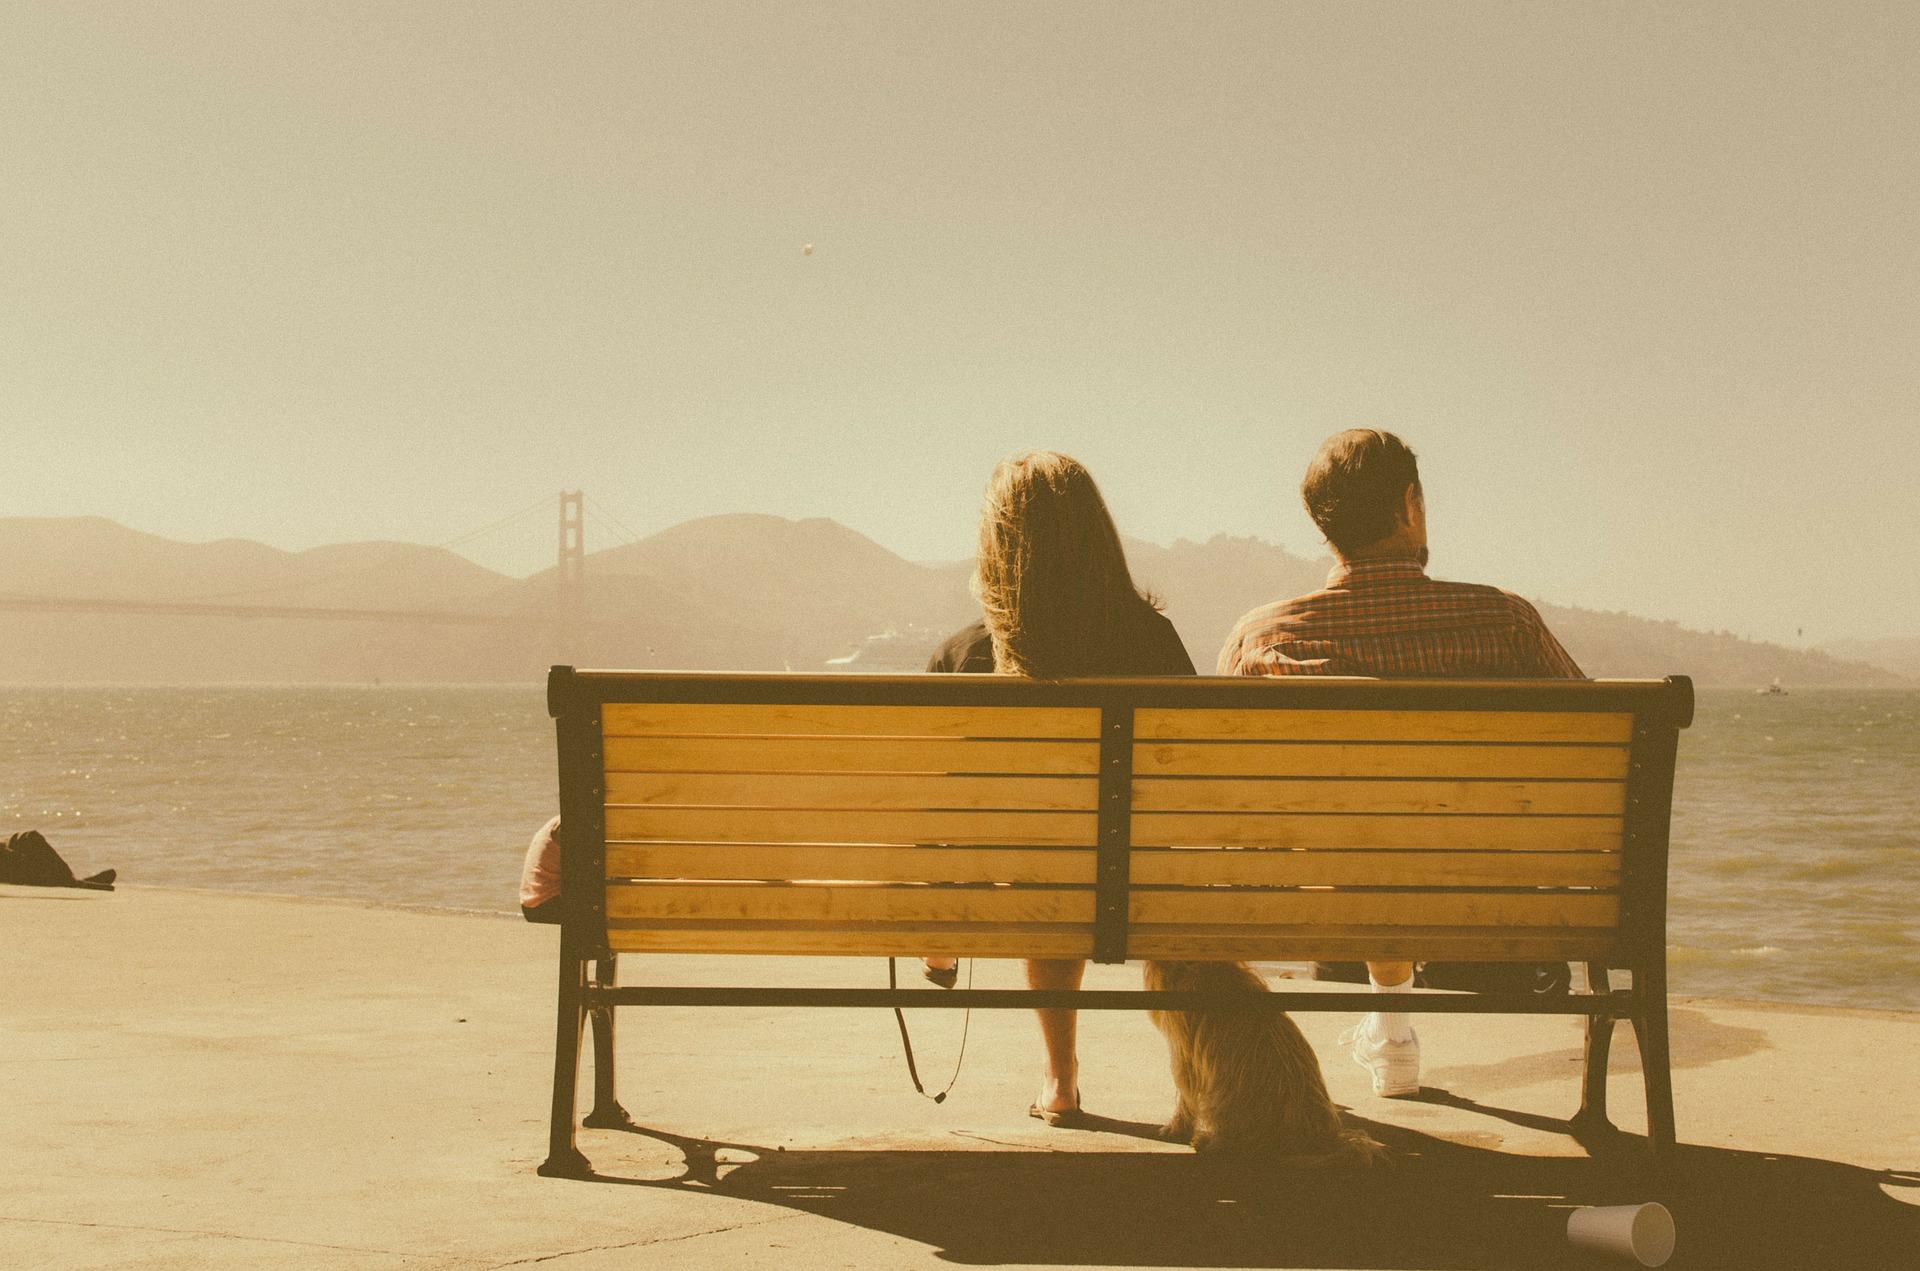 couple-336655_1920